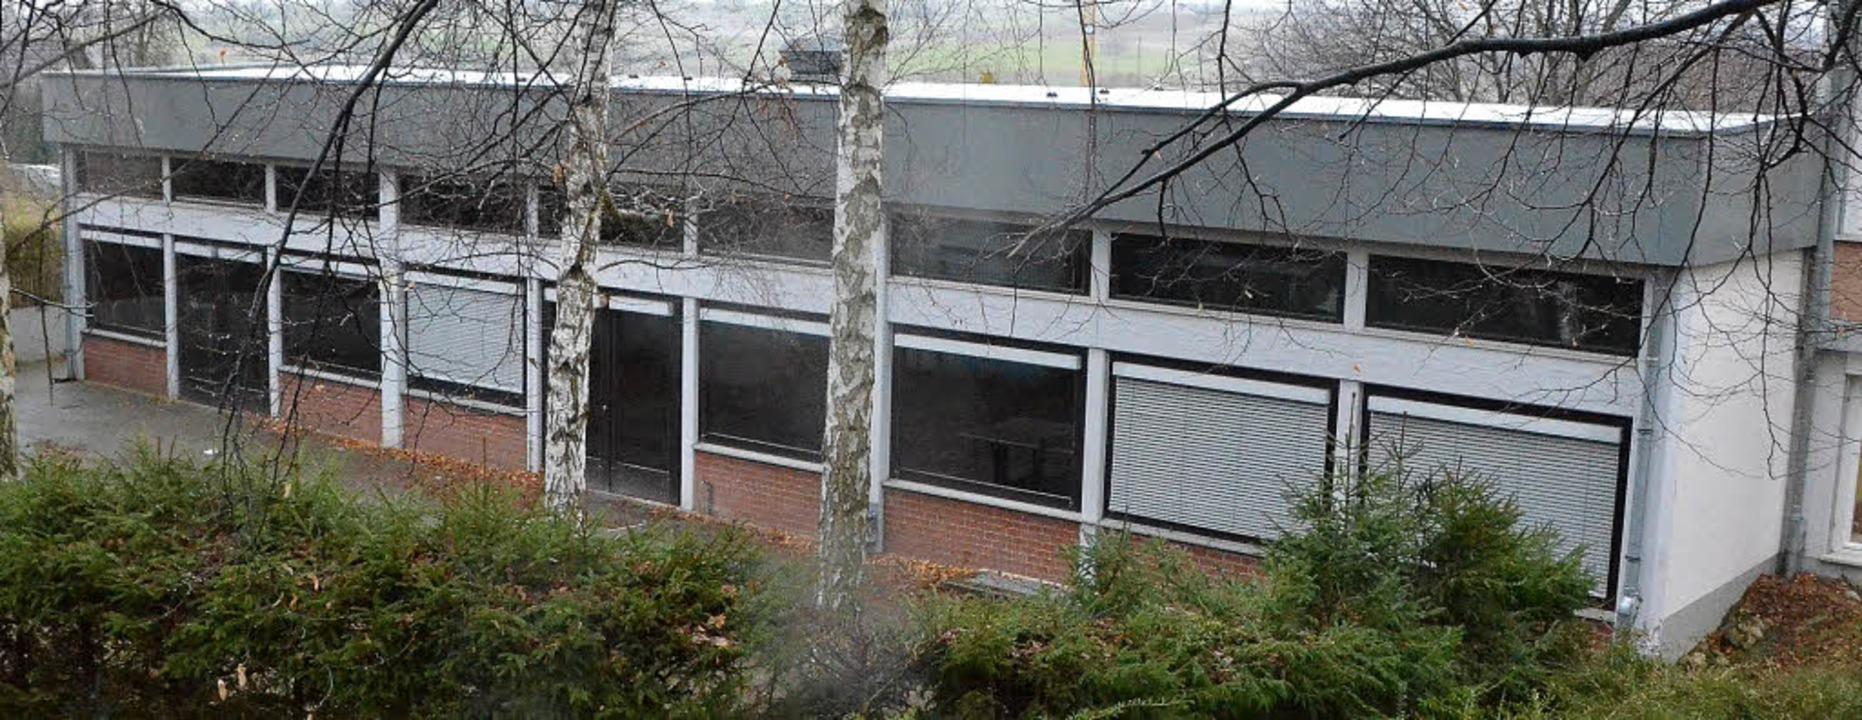 Sanierungsfall Gemeindehalle: Rund 450... im kommenden Jahr 40 Jahre alt wird.   | Foto: Markus Maier